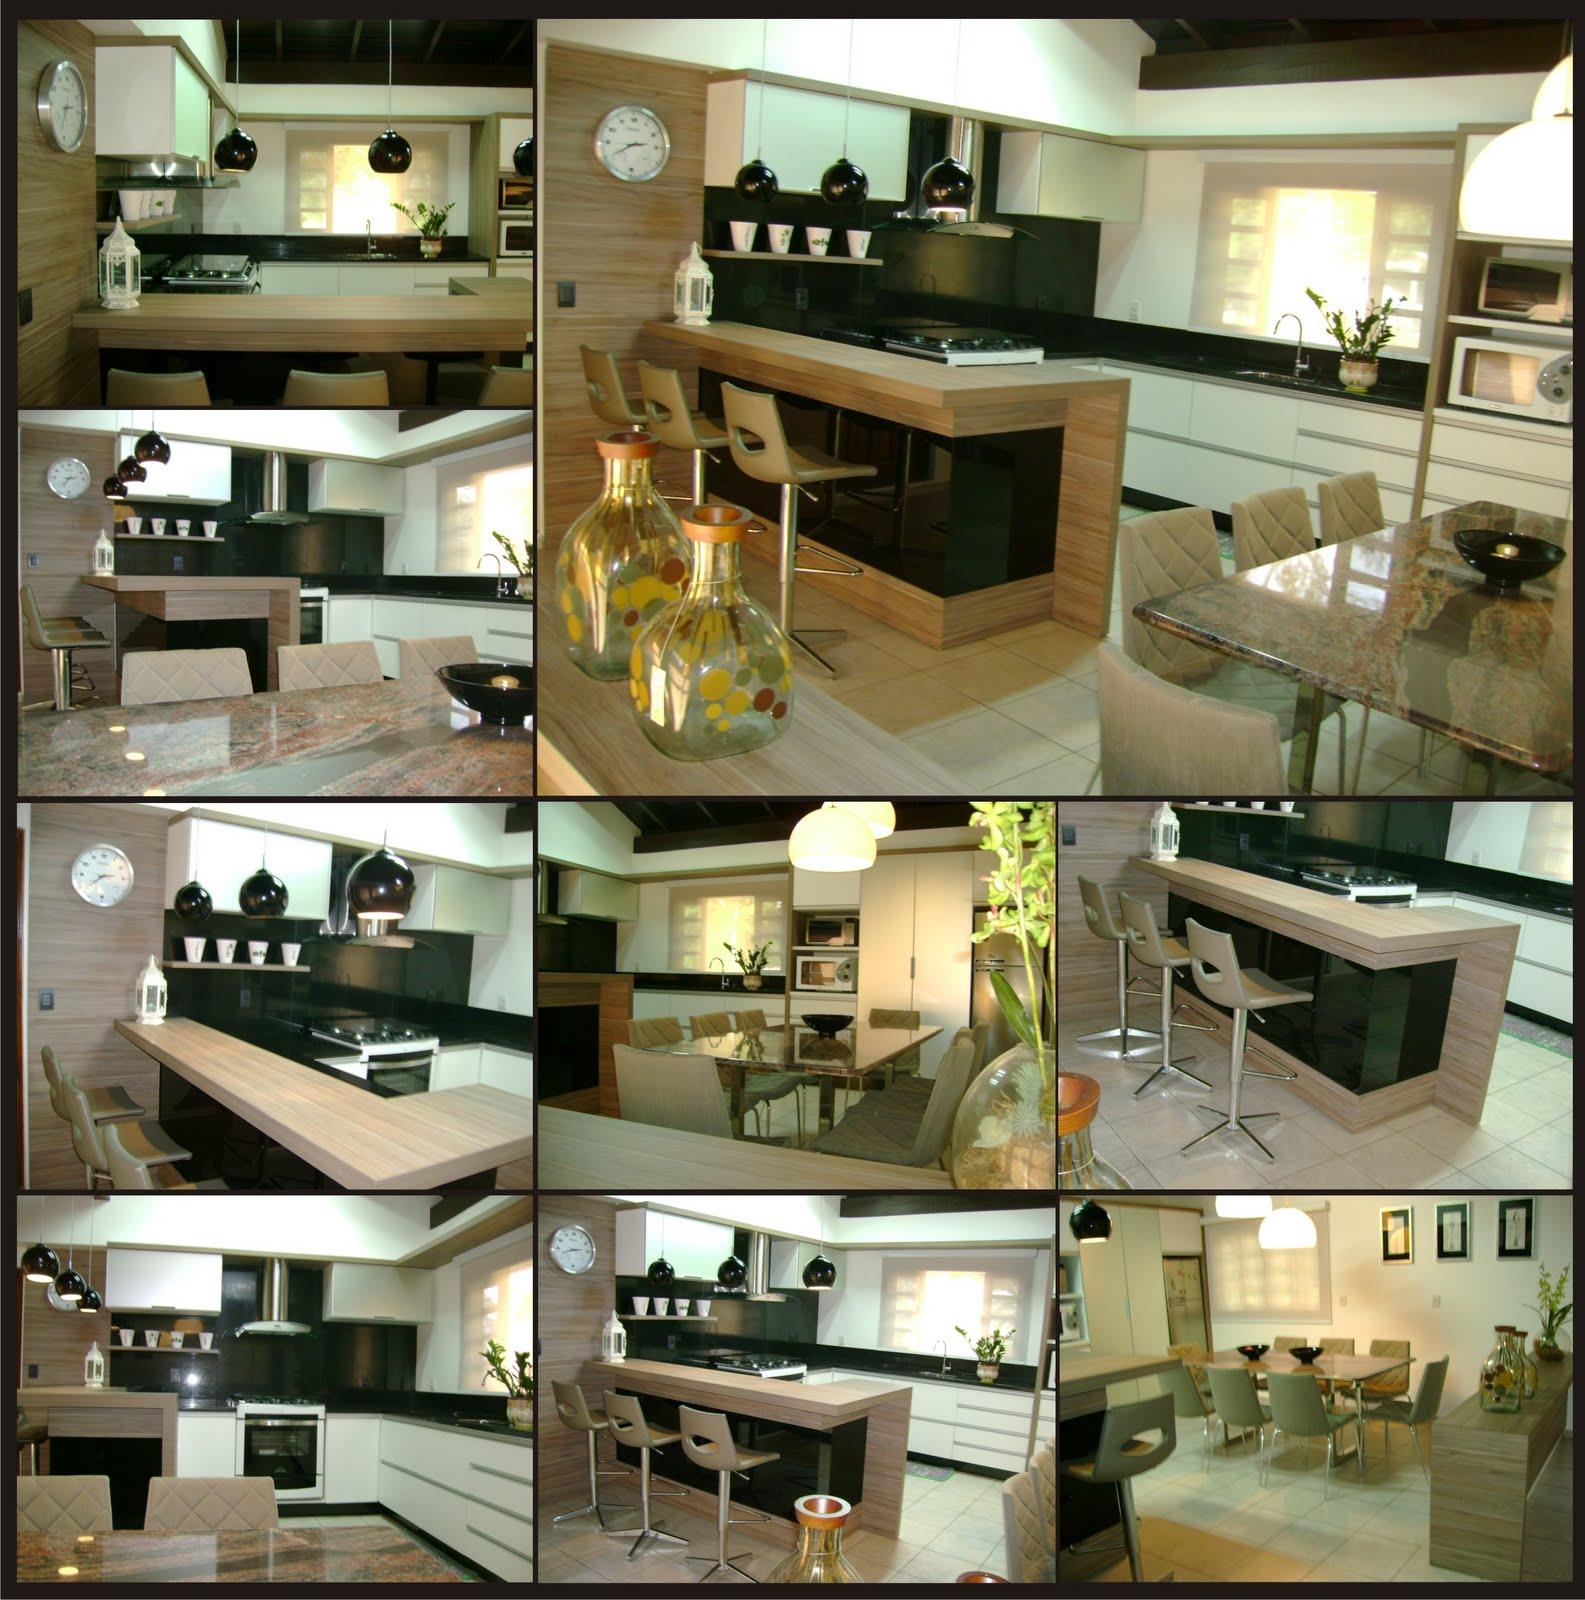 #9E782D DUE ARQUITETURA: Projeto Interiores Cozinha Casa de Campo 1585x1600 px Projetos Cozinhas Industriais #73 imagens